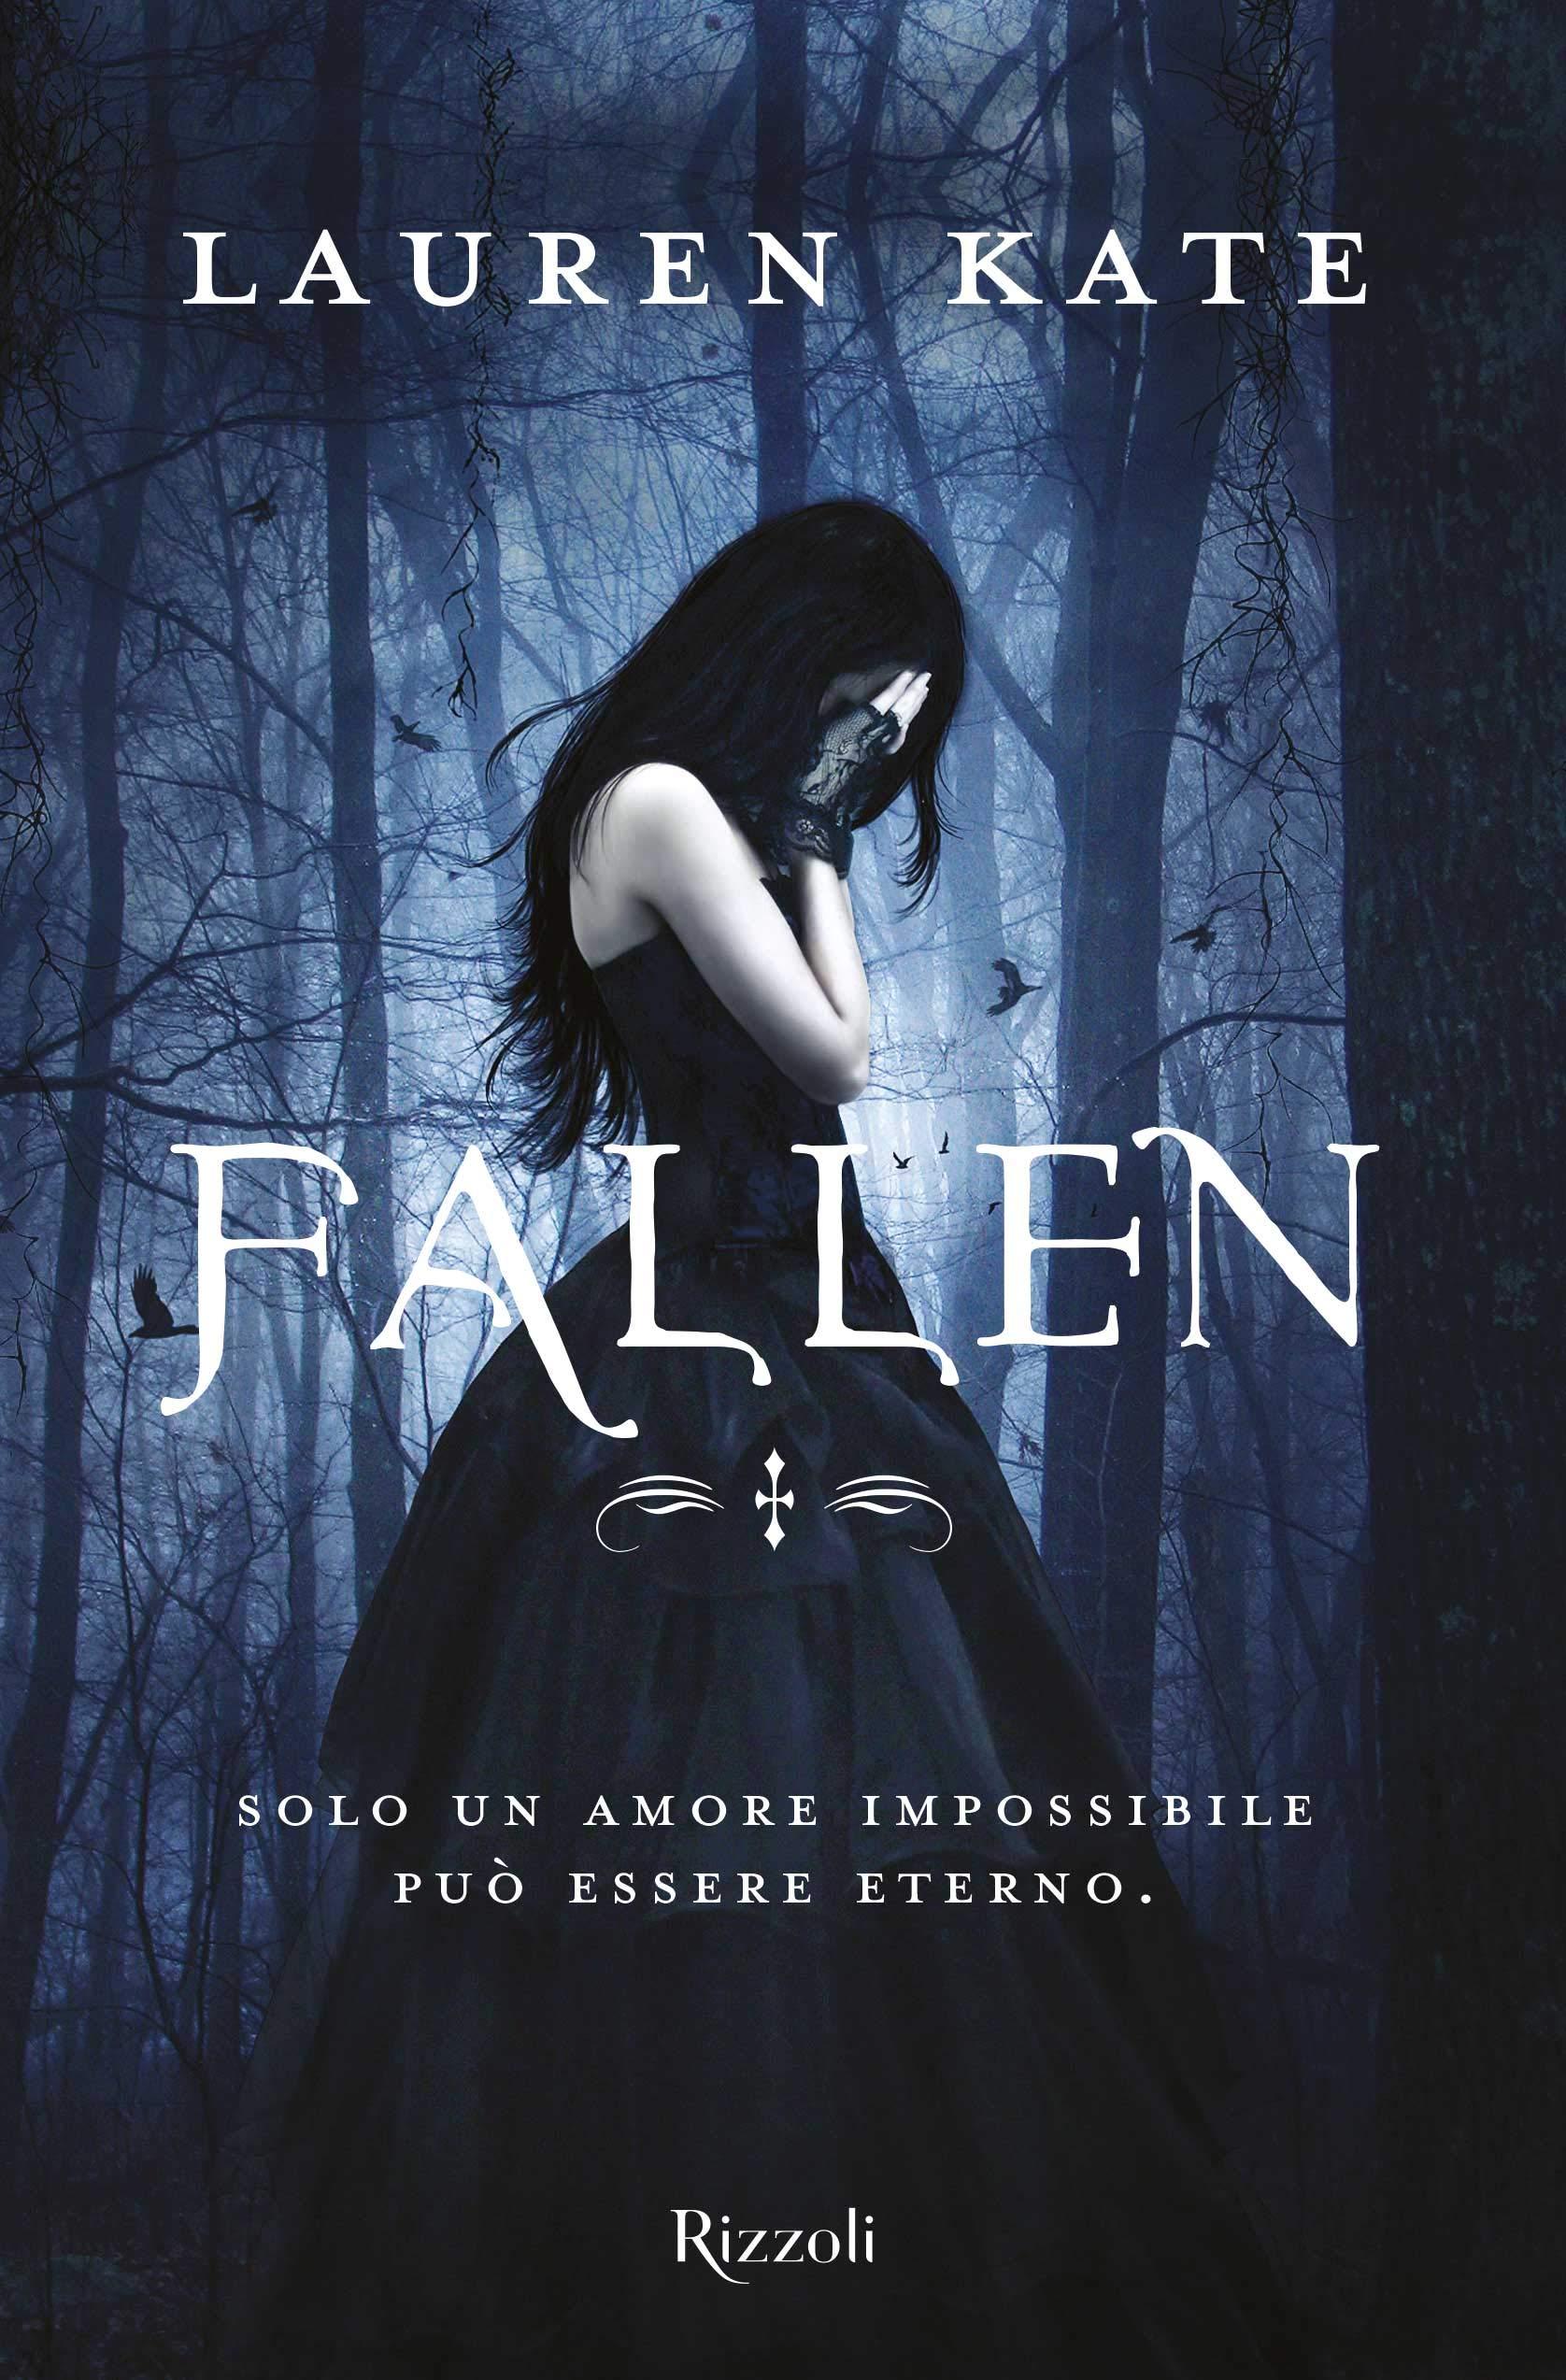 Fallen: Amazon.it: Kate, Lauren, Daniele, S.: Libri